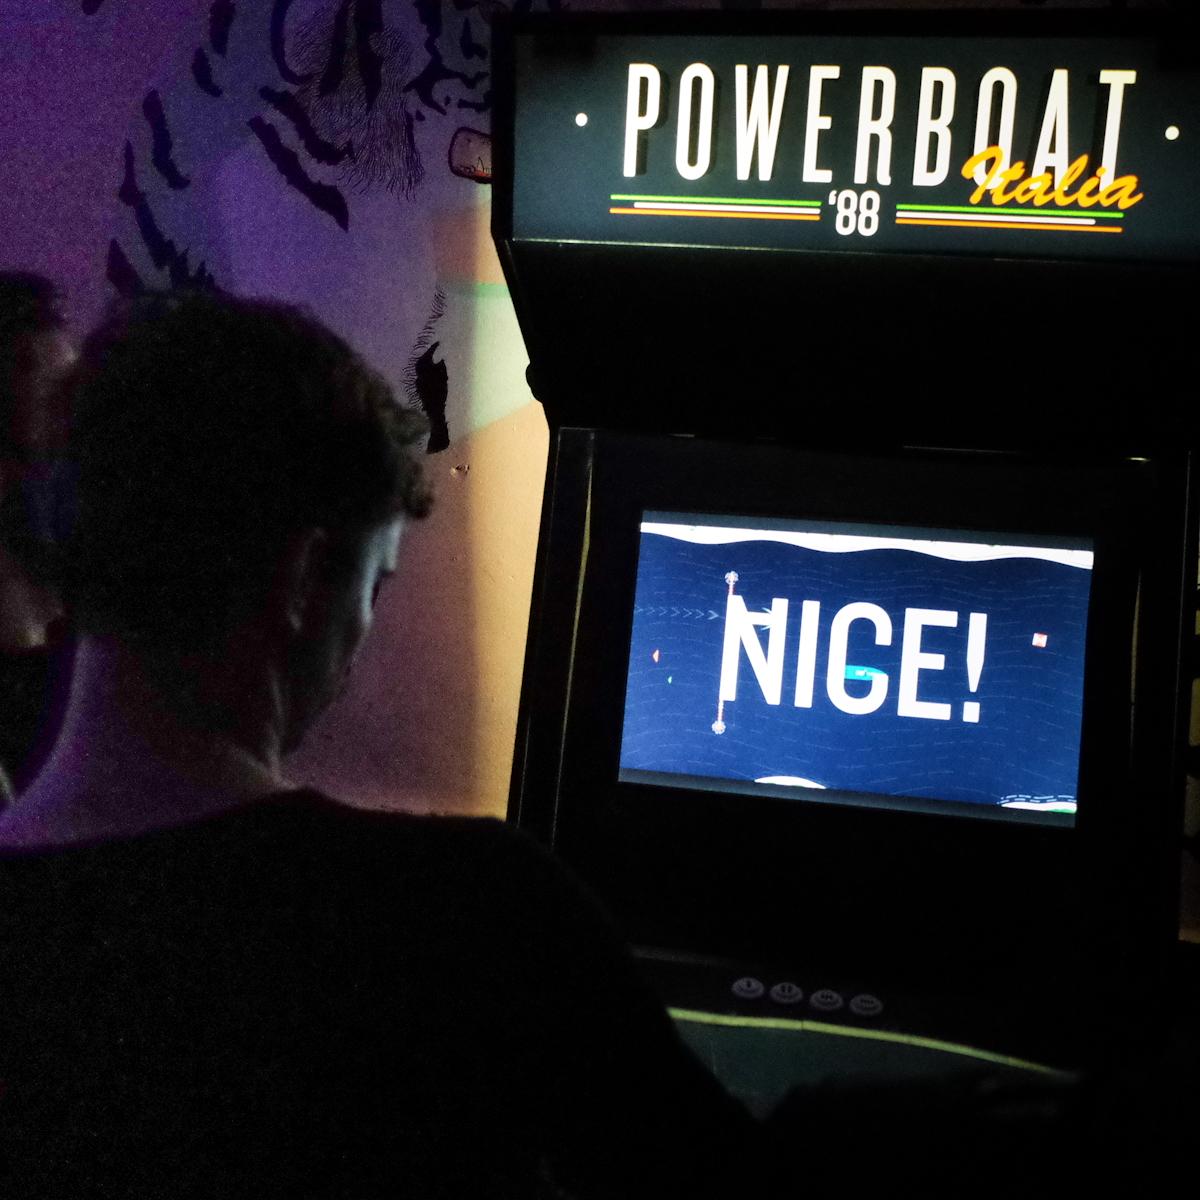 powerboat-8.jpg